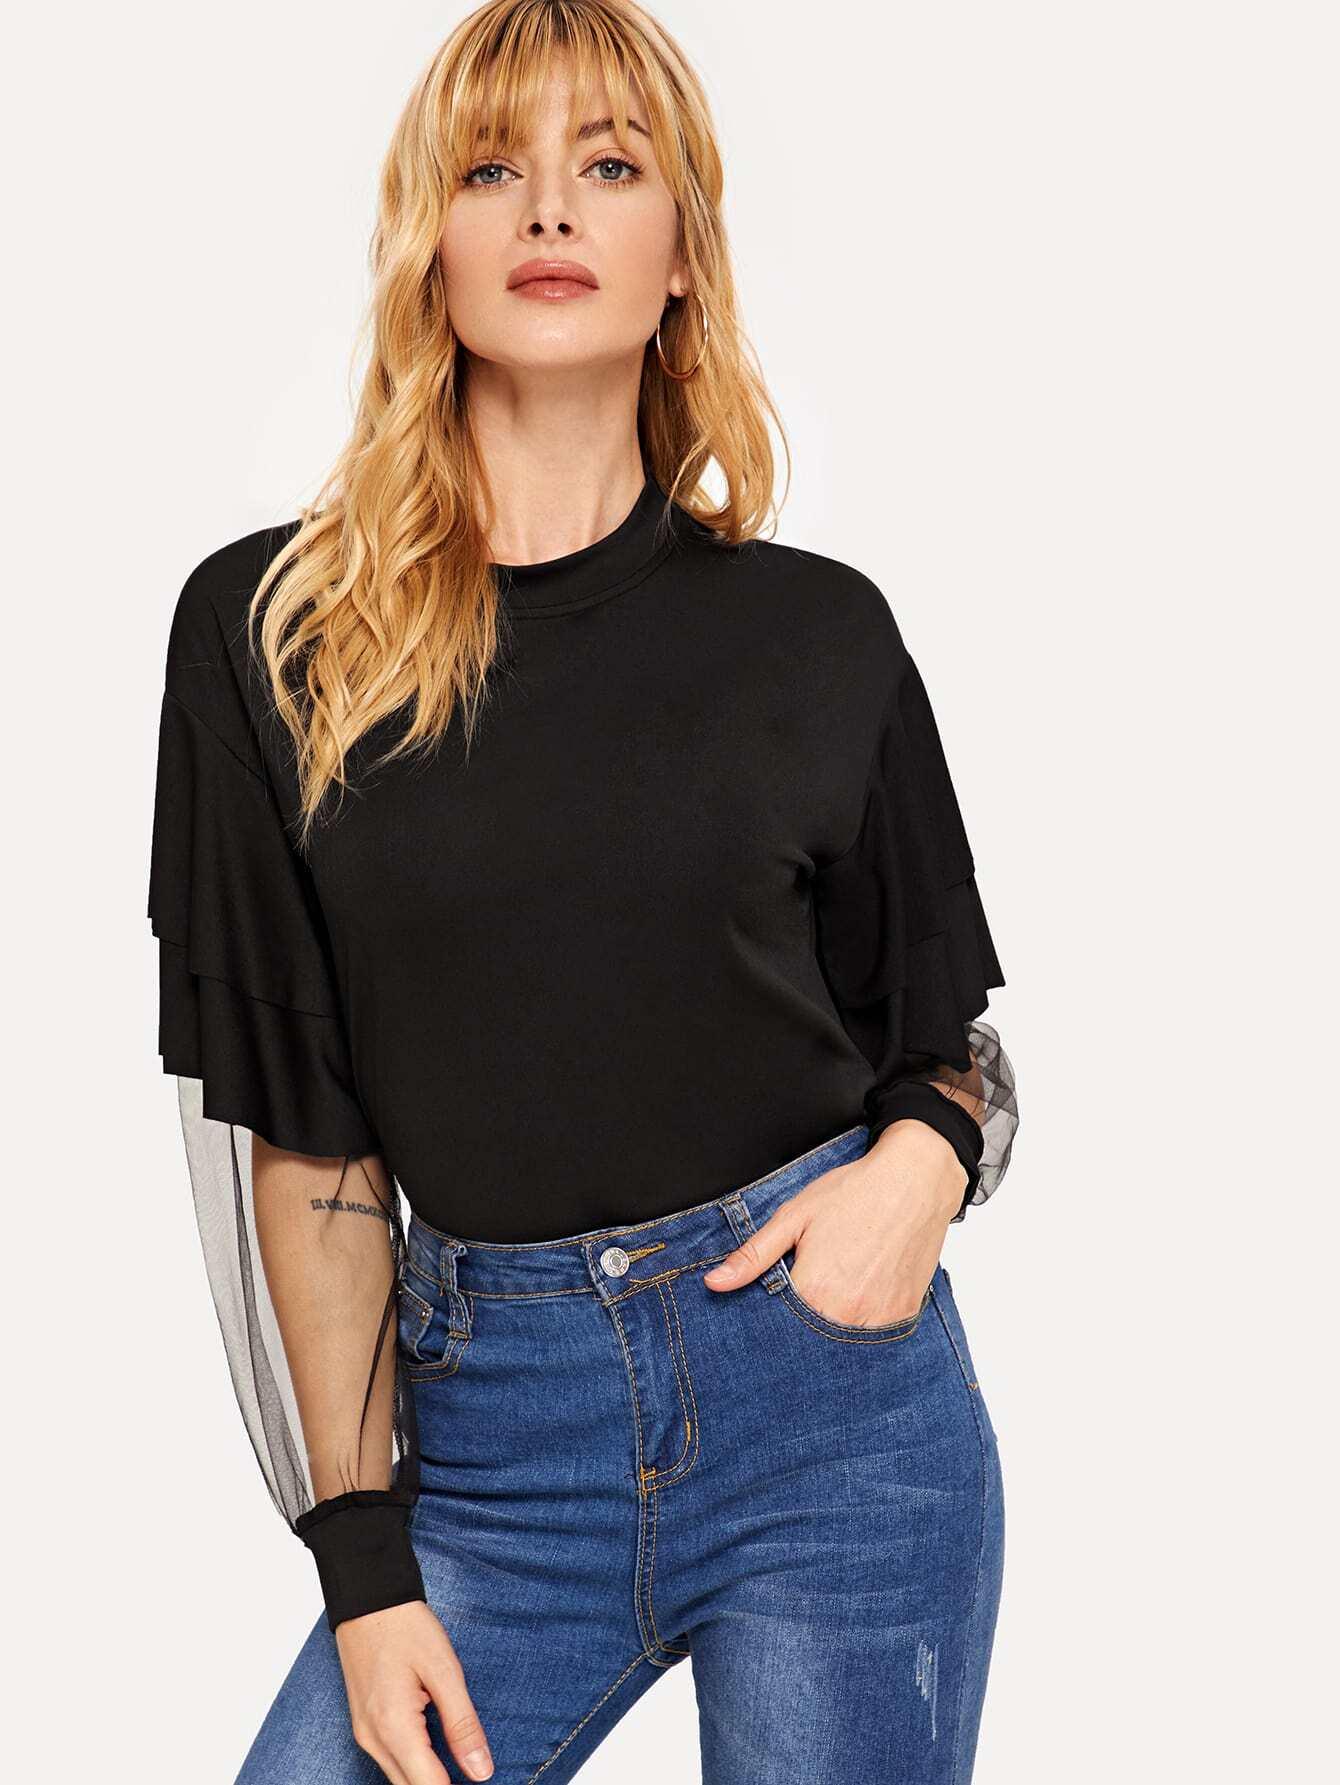 Купить Контрастная сетчатая футболка с оборками, Masha, SheIn